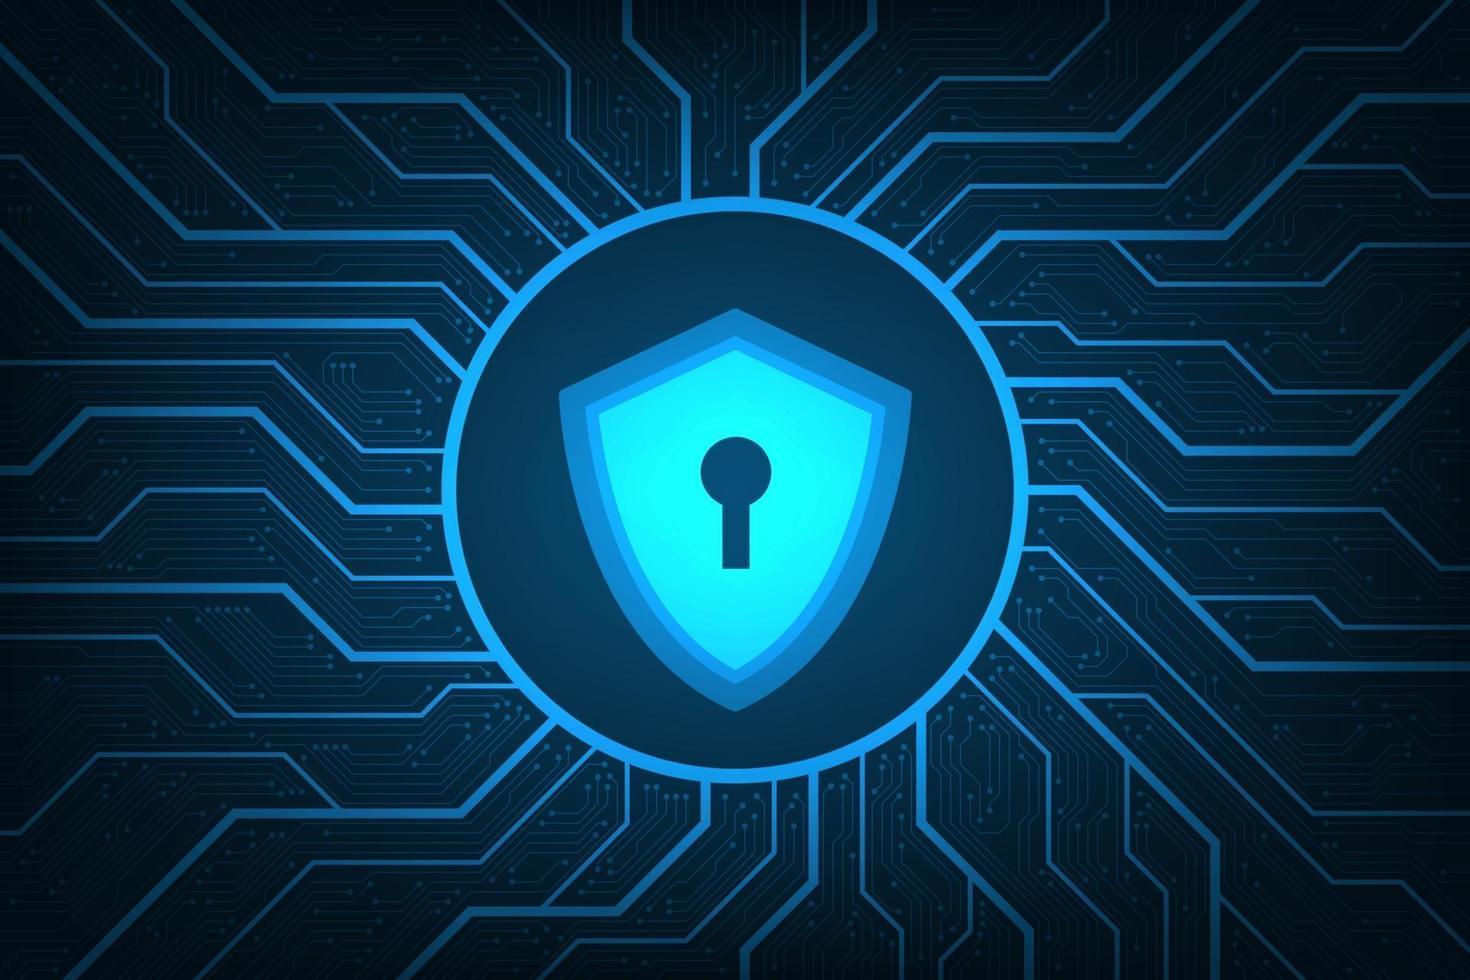 sistemi di sicurezza che coprono l'intera rete digitale. vettore